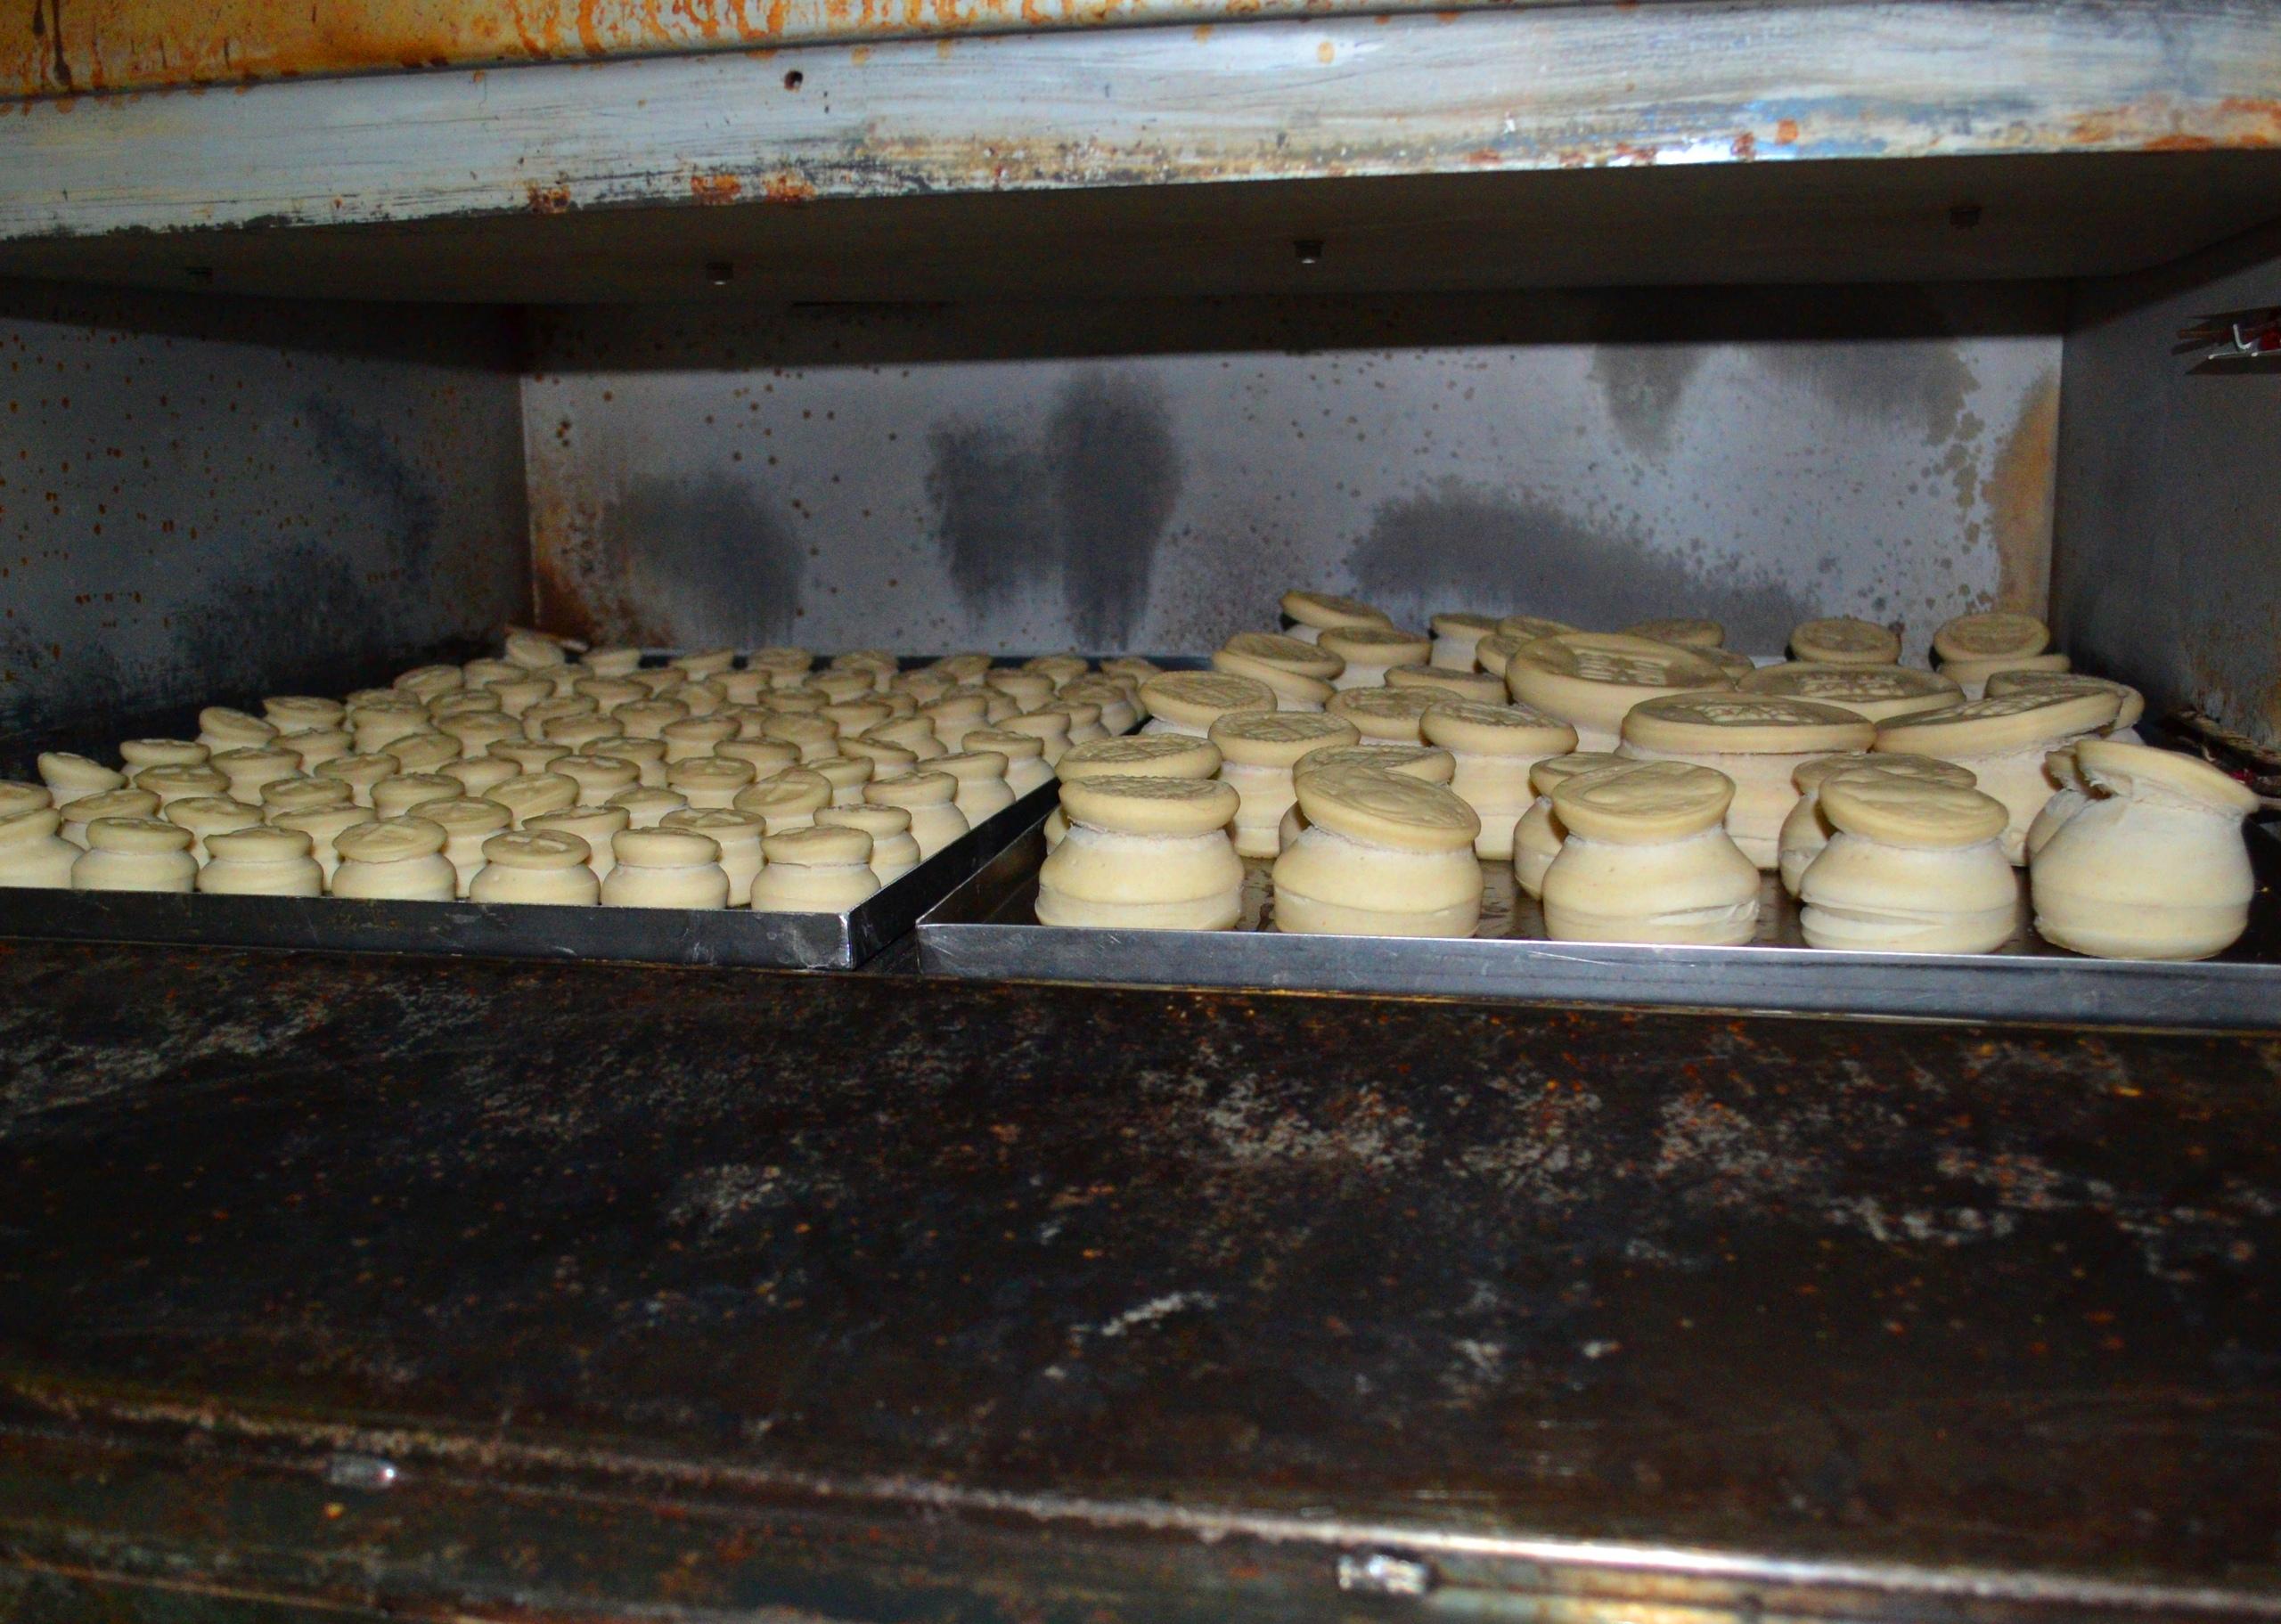 Друзья, мы начинаем работу нашей пакарни  Налаживаем работу хлебопекарного оборудования.